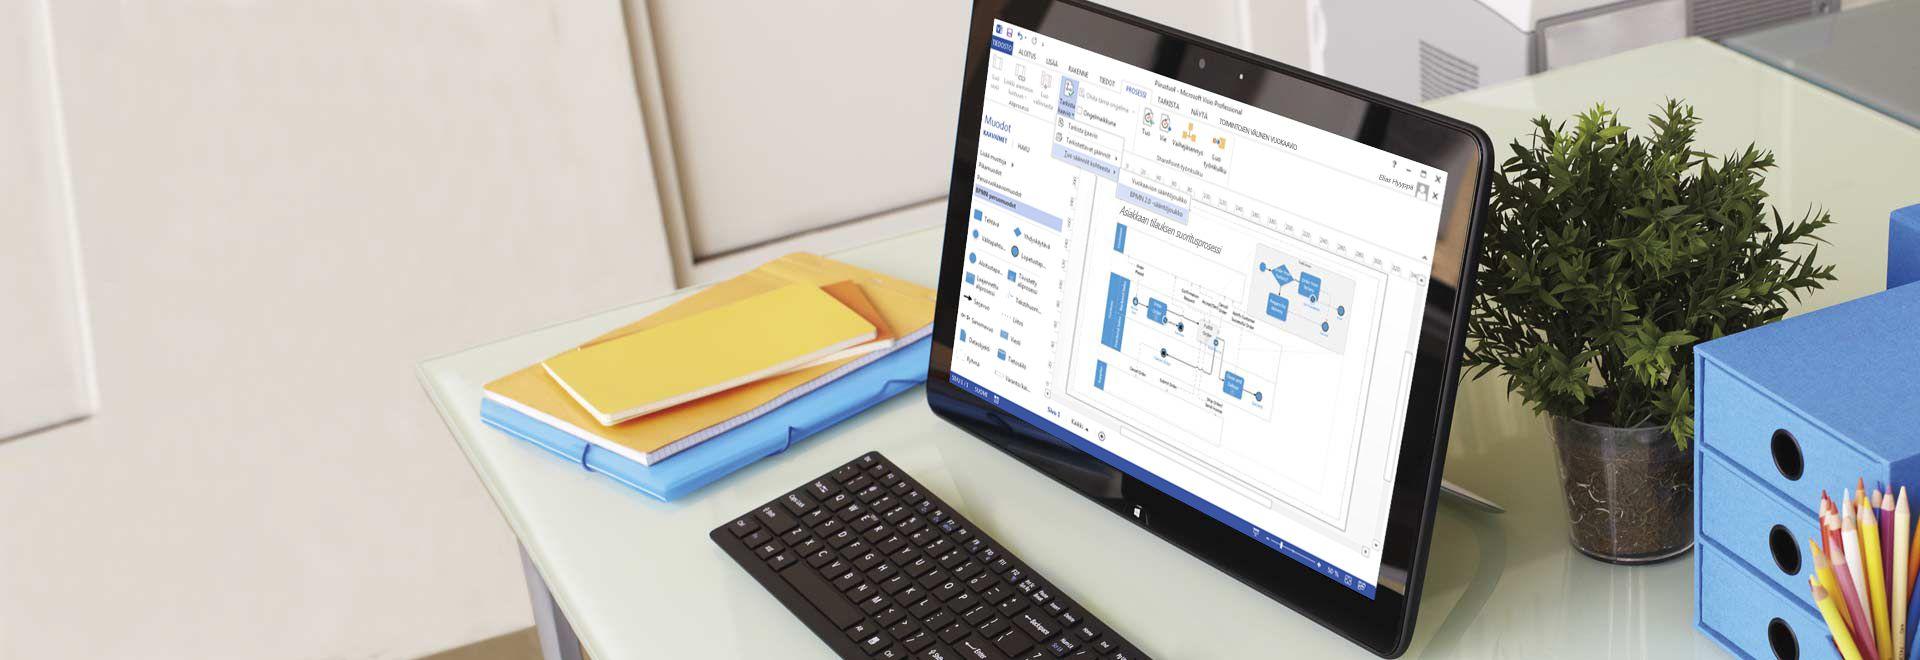 Työpöydällä tabletti, jossa näkyy prosessikaavio Visio Professional 2016:ssa